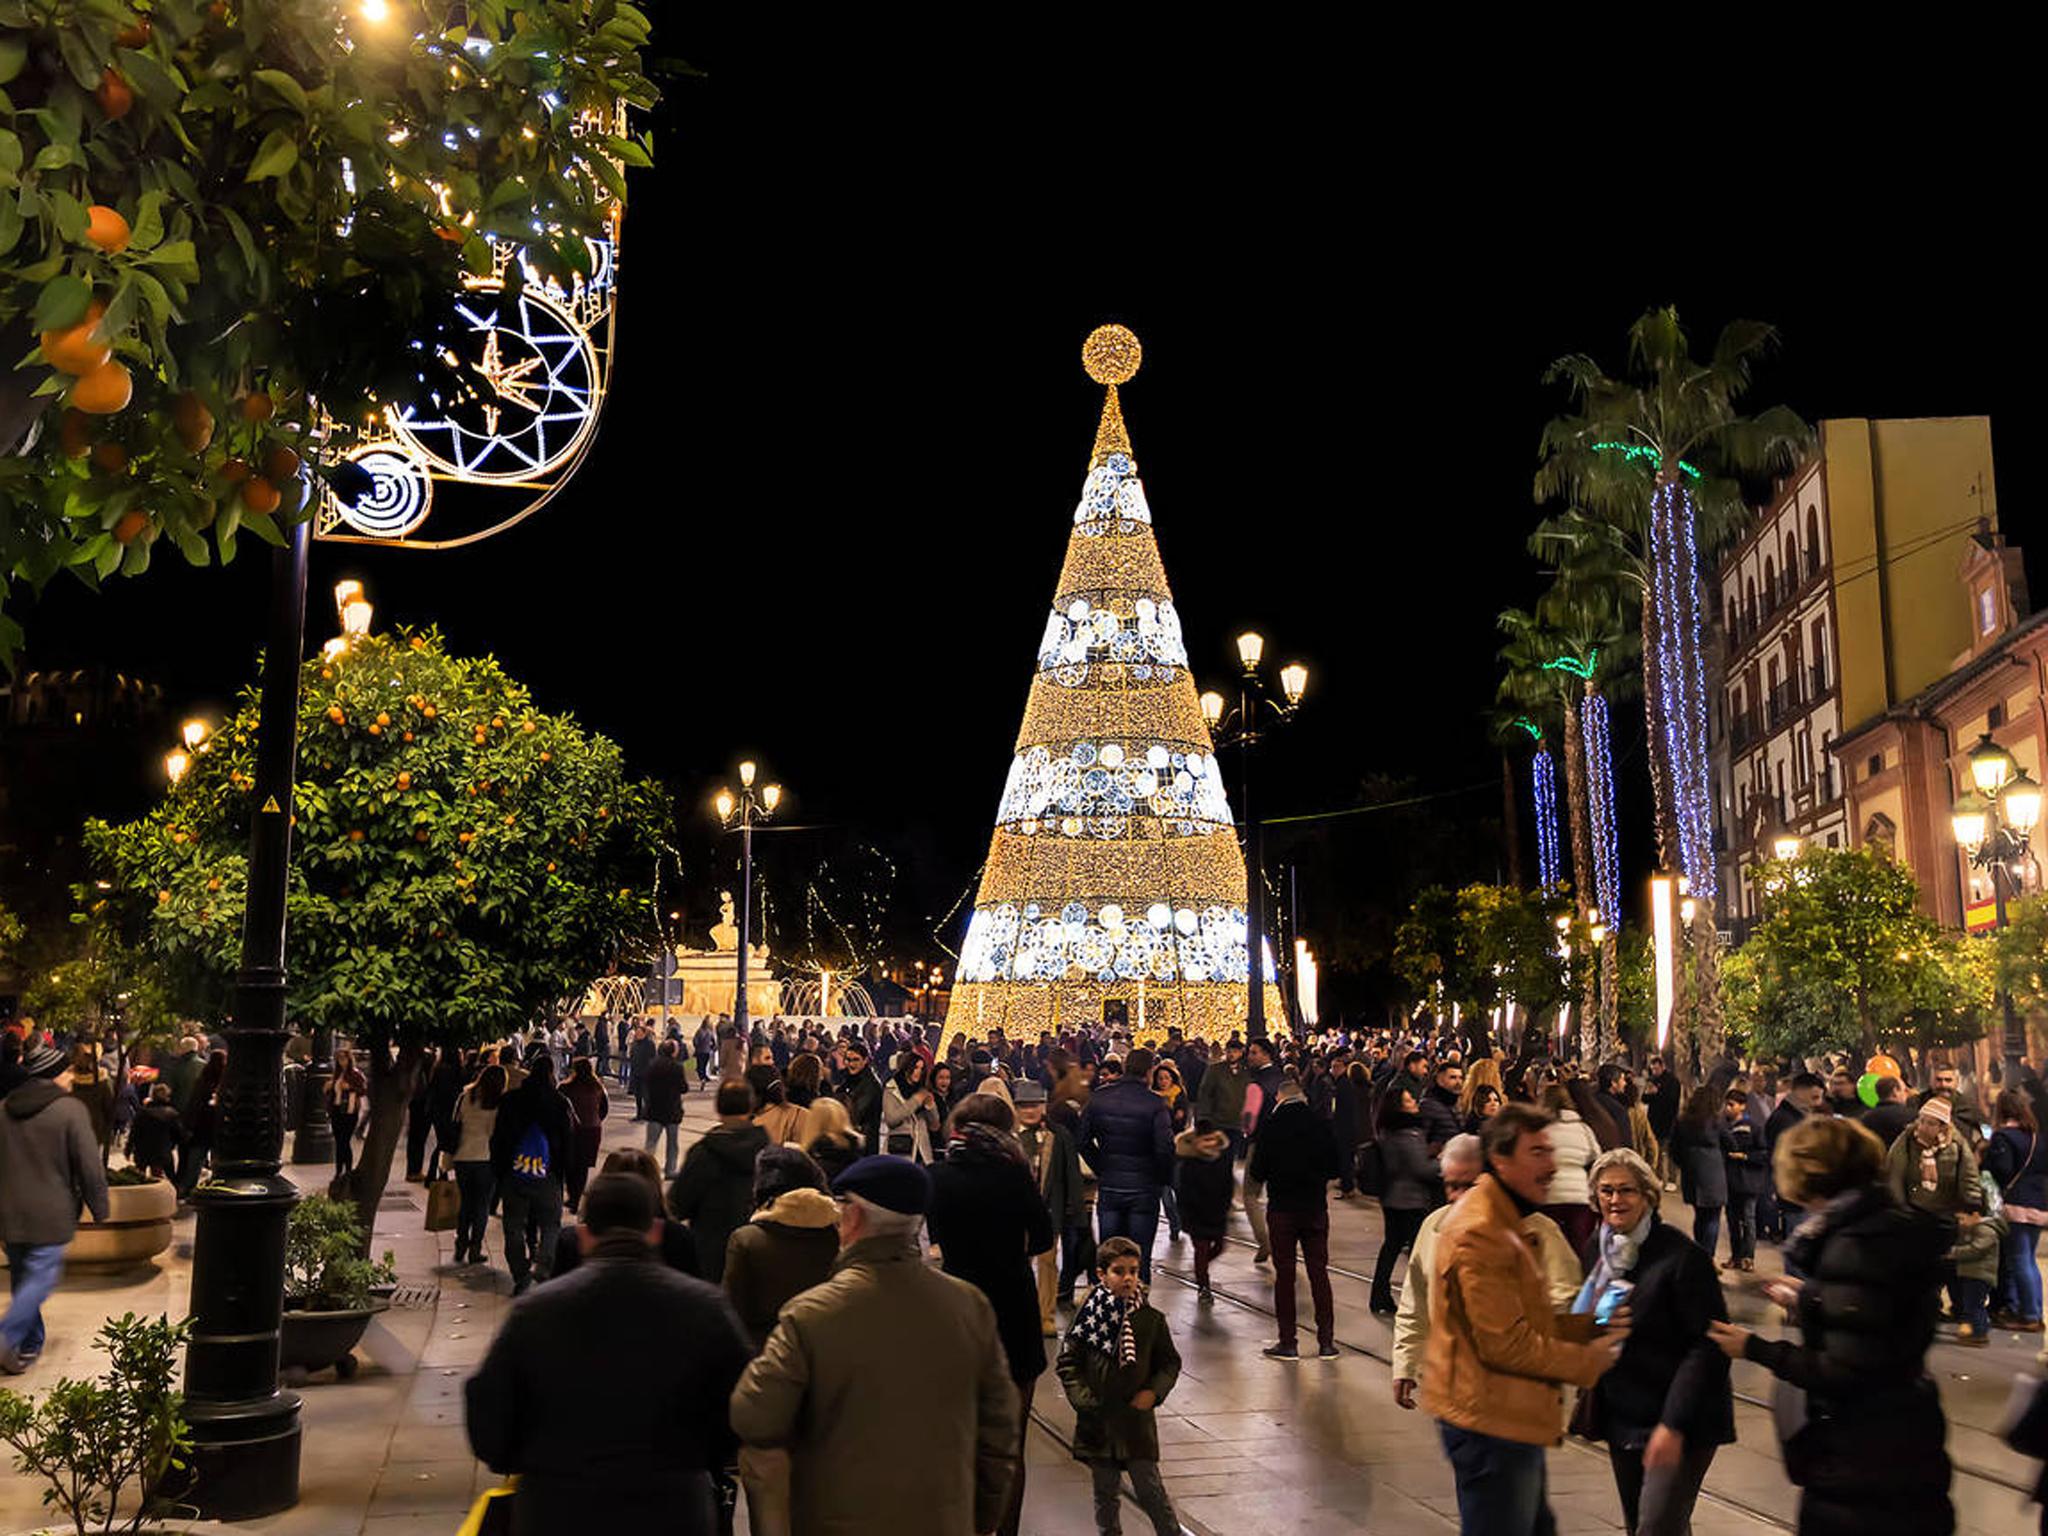 Seville Christmas Market